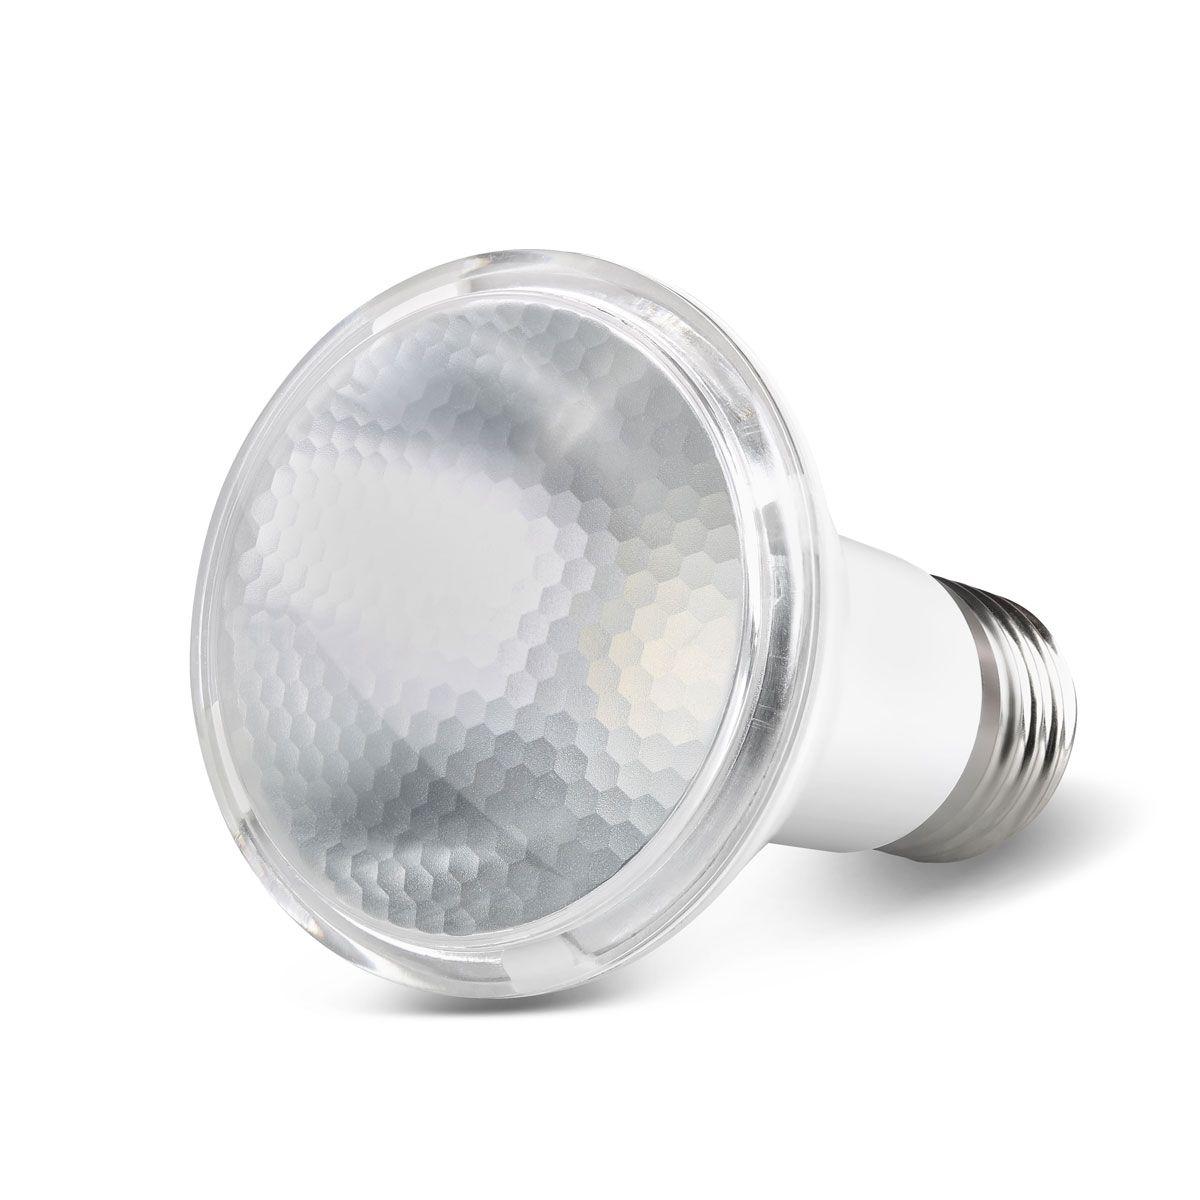 Kit 10x Lampada PAR 20 7W Luz Neutra 4000K Bivolt Save Energy